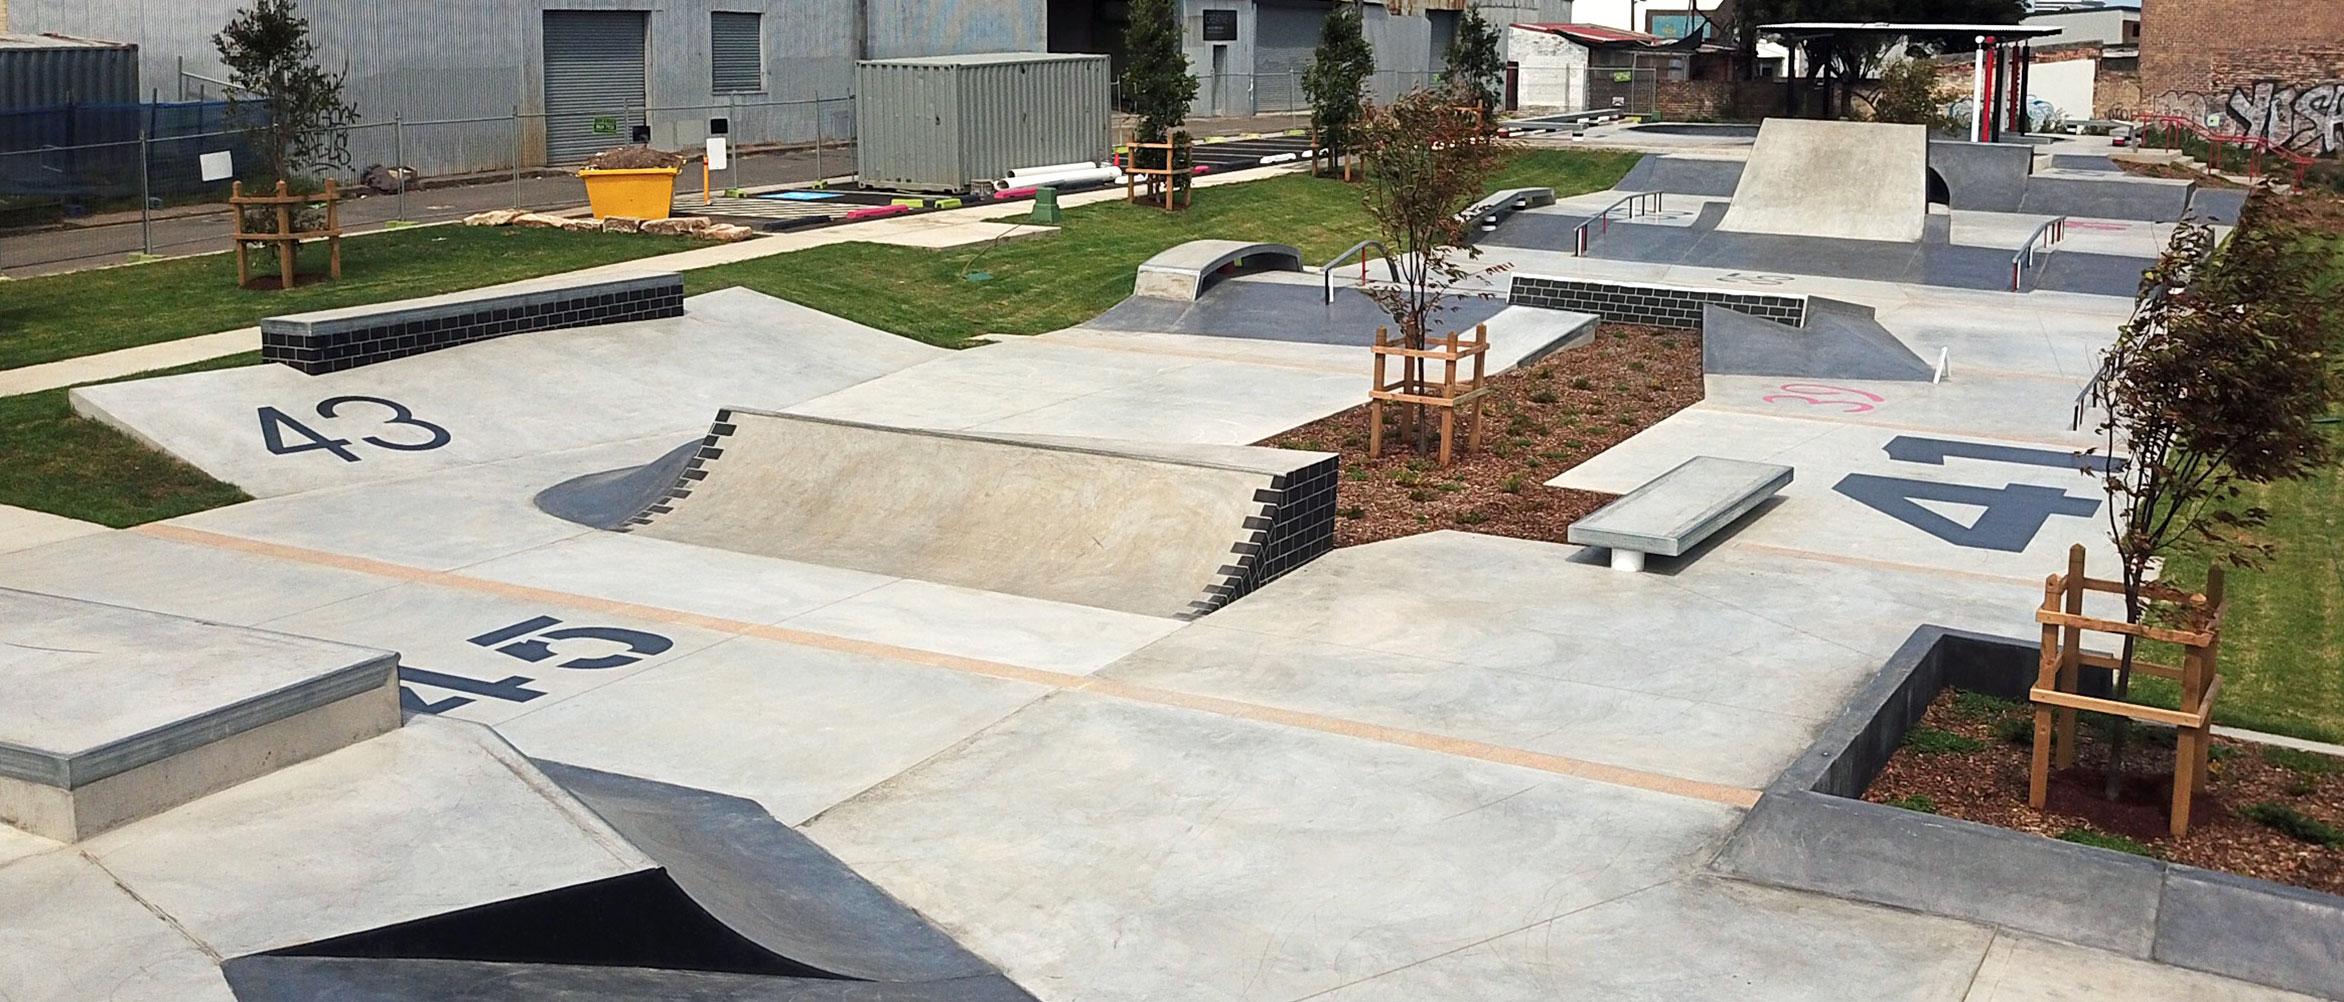 Sydenham skate park